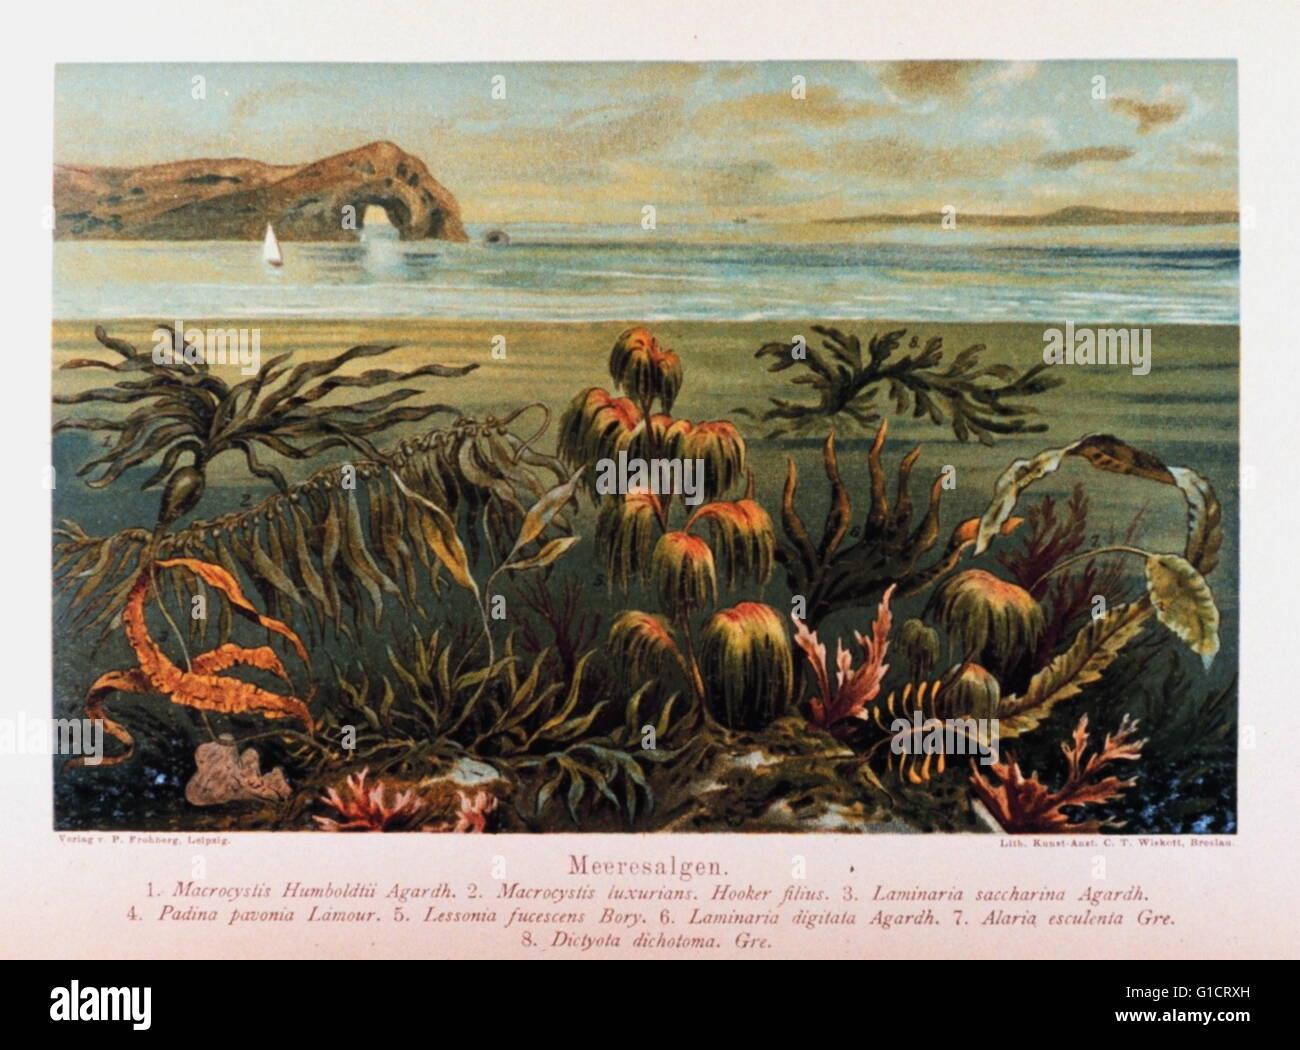 kelp (Meeresalgen) in: 'Das Meer' by M. J. Schleiden, 1804-1881 - Stock Image